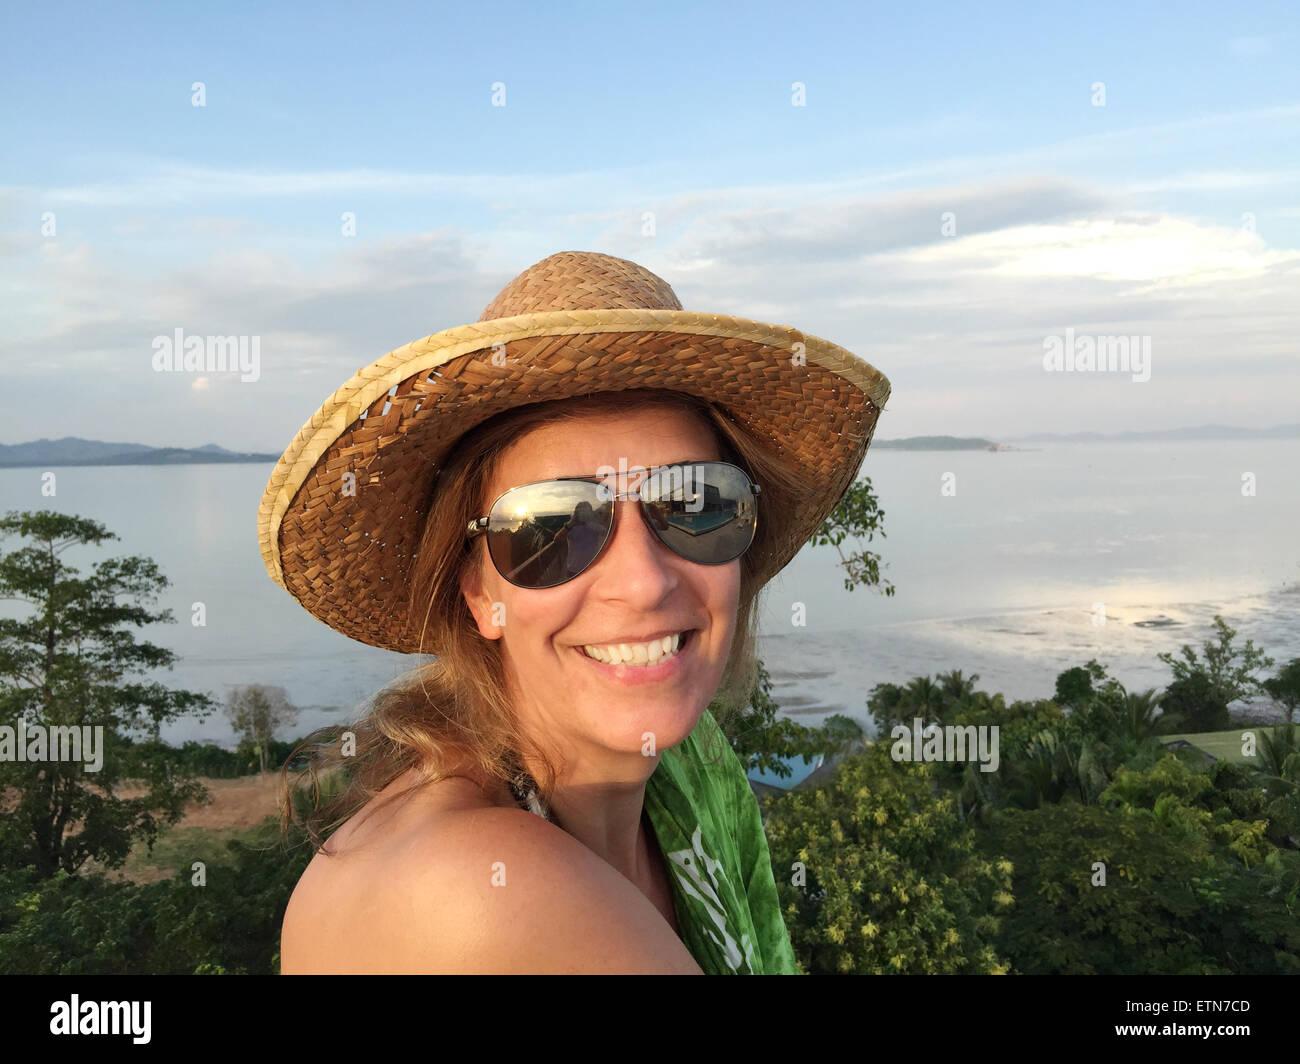 Retrato de una mujer en vacaciones Imagen De Stock